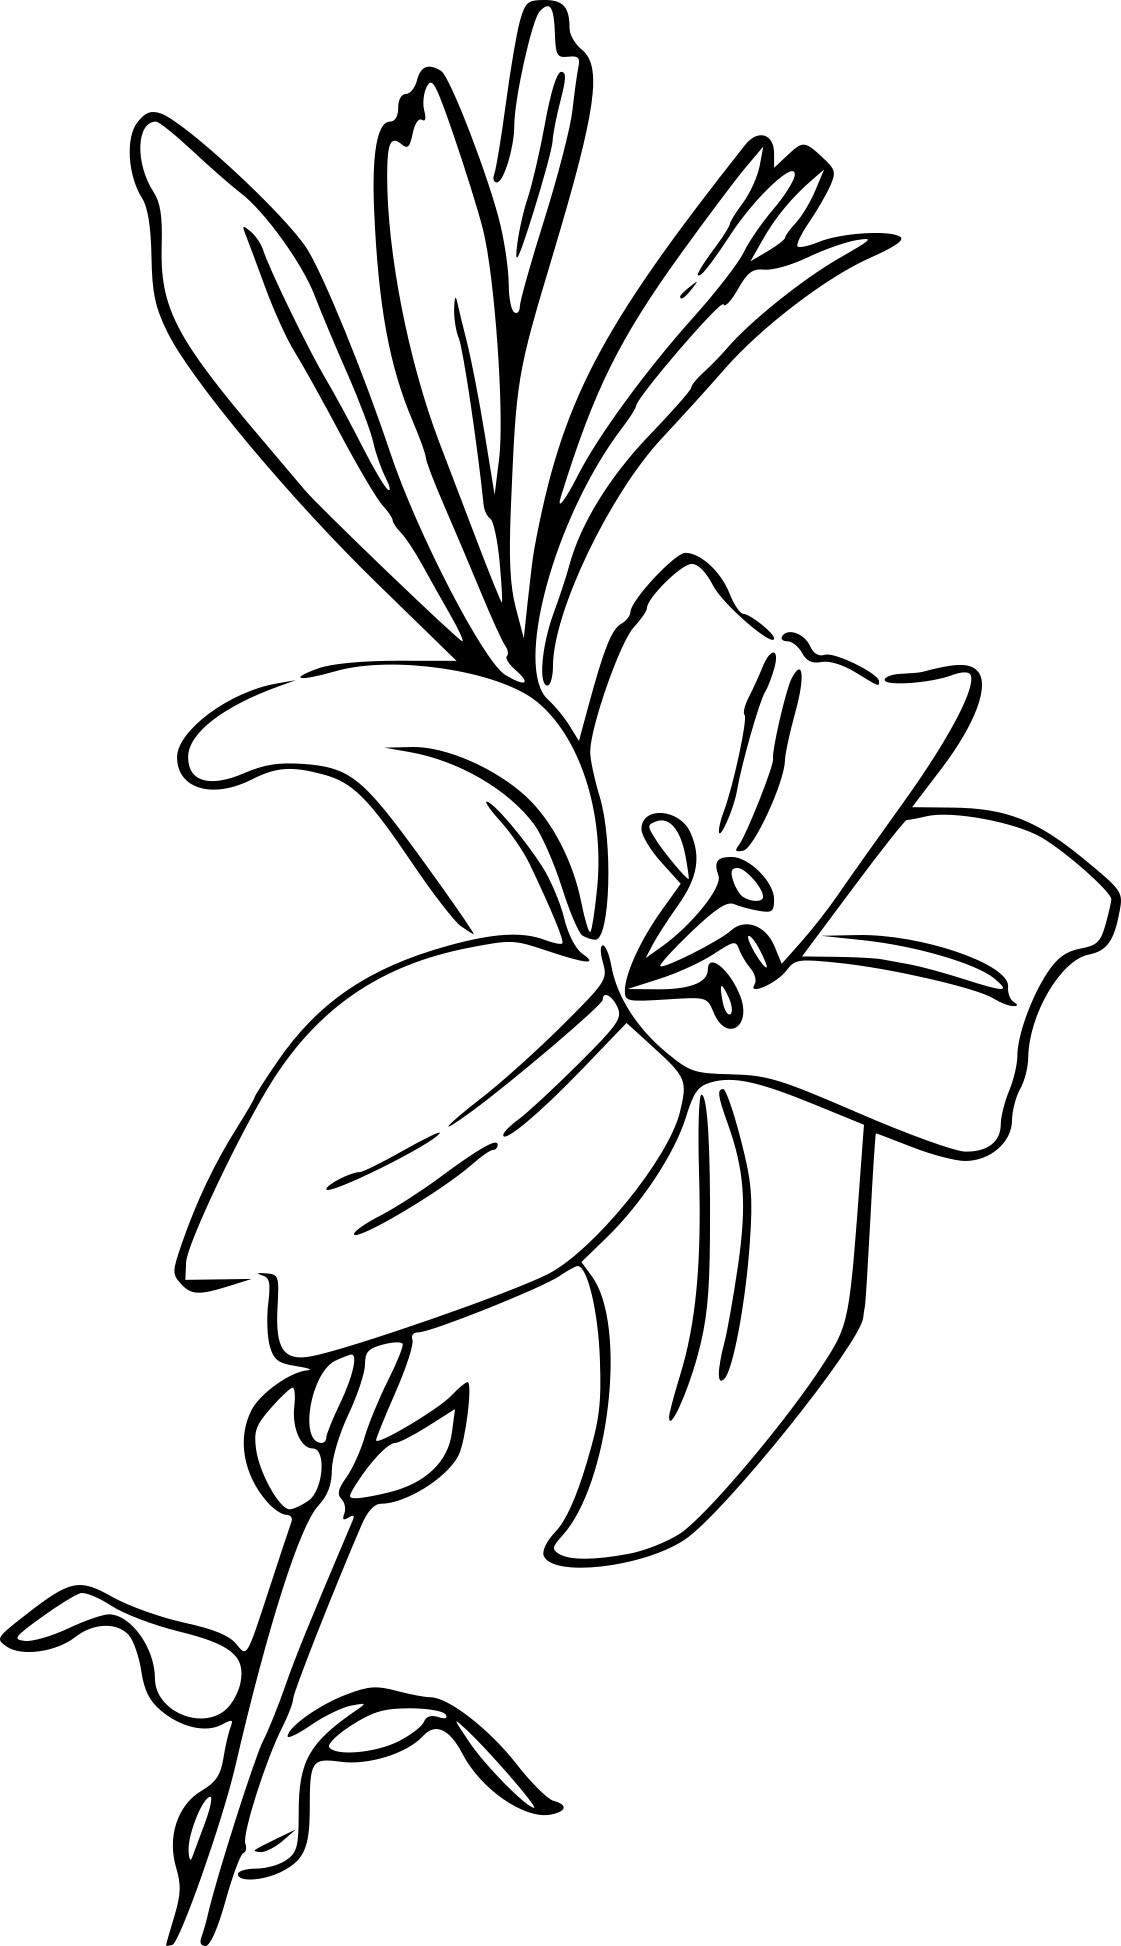 S dessin fleurs colorier imprimerllll duilawyerlosangeles dessin fleur de lys a imprimerl - Dessin fleur de lys ...